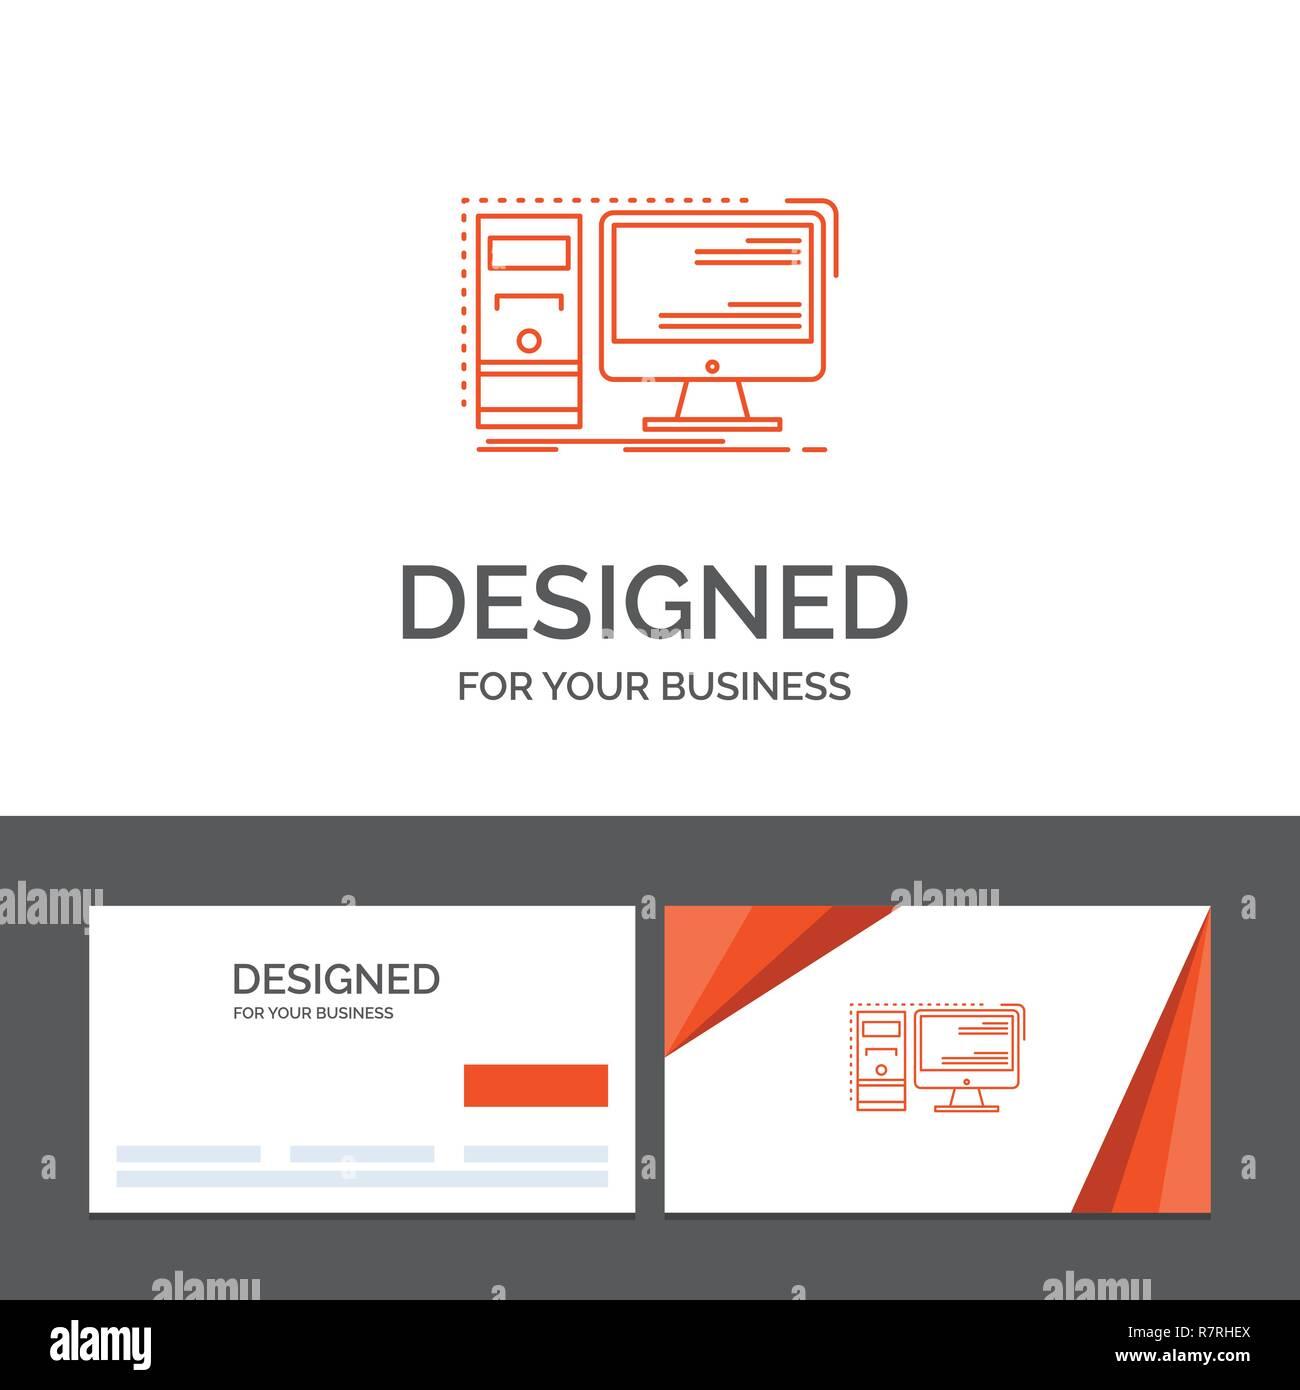 business logo template for computer desktop hardware workstation